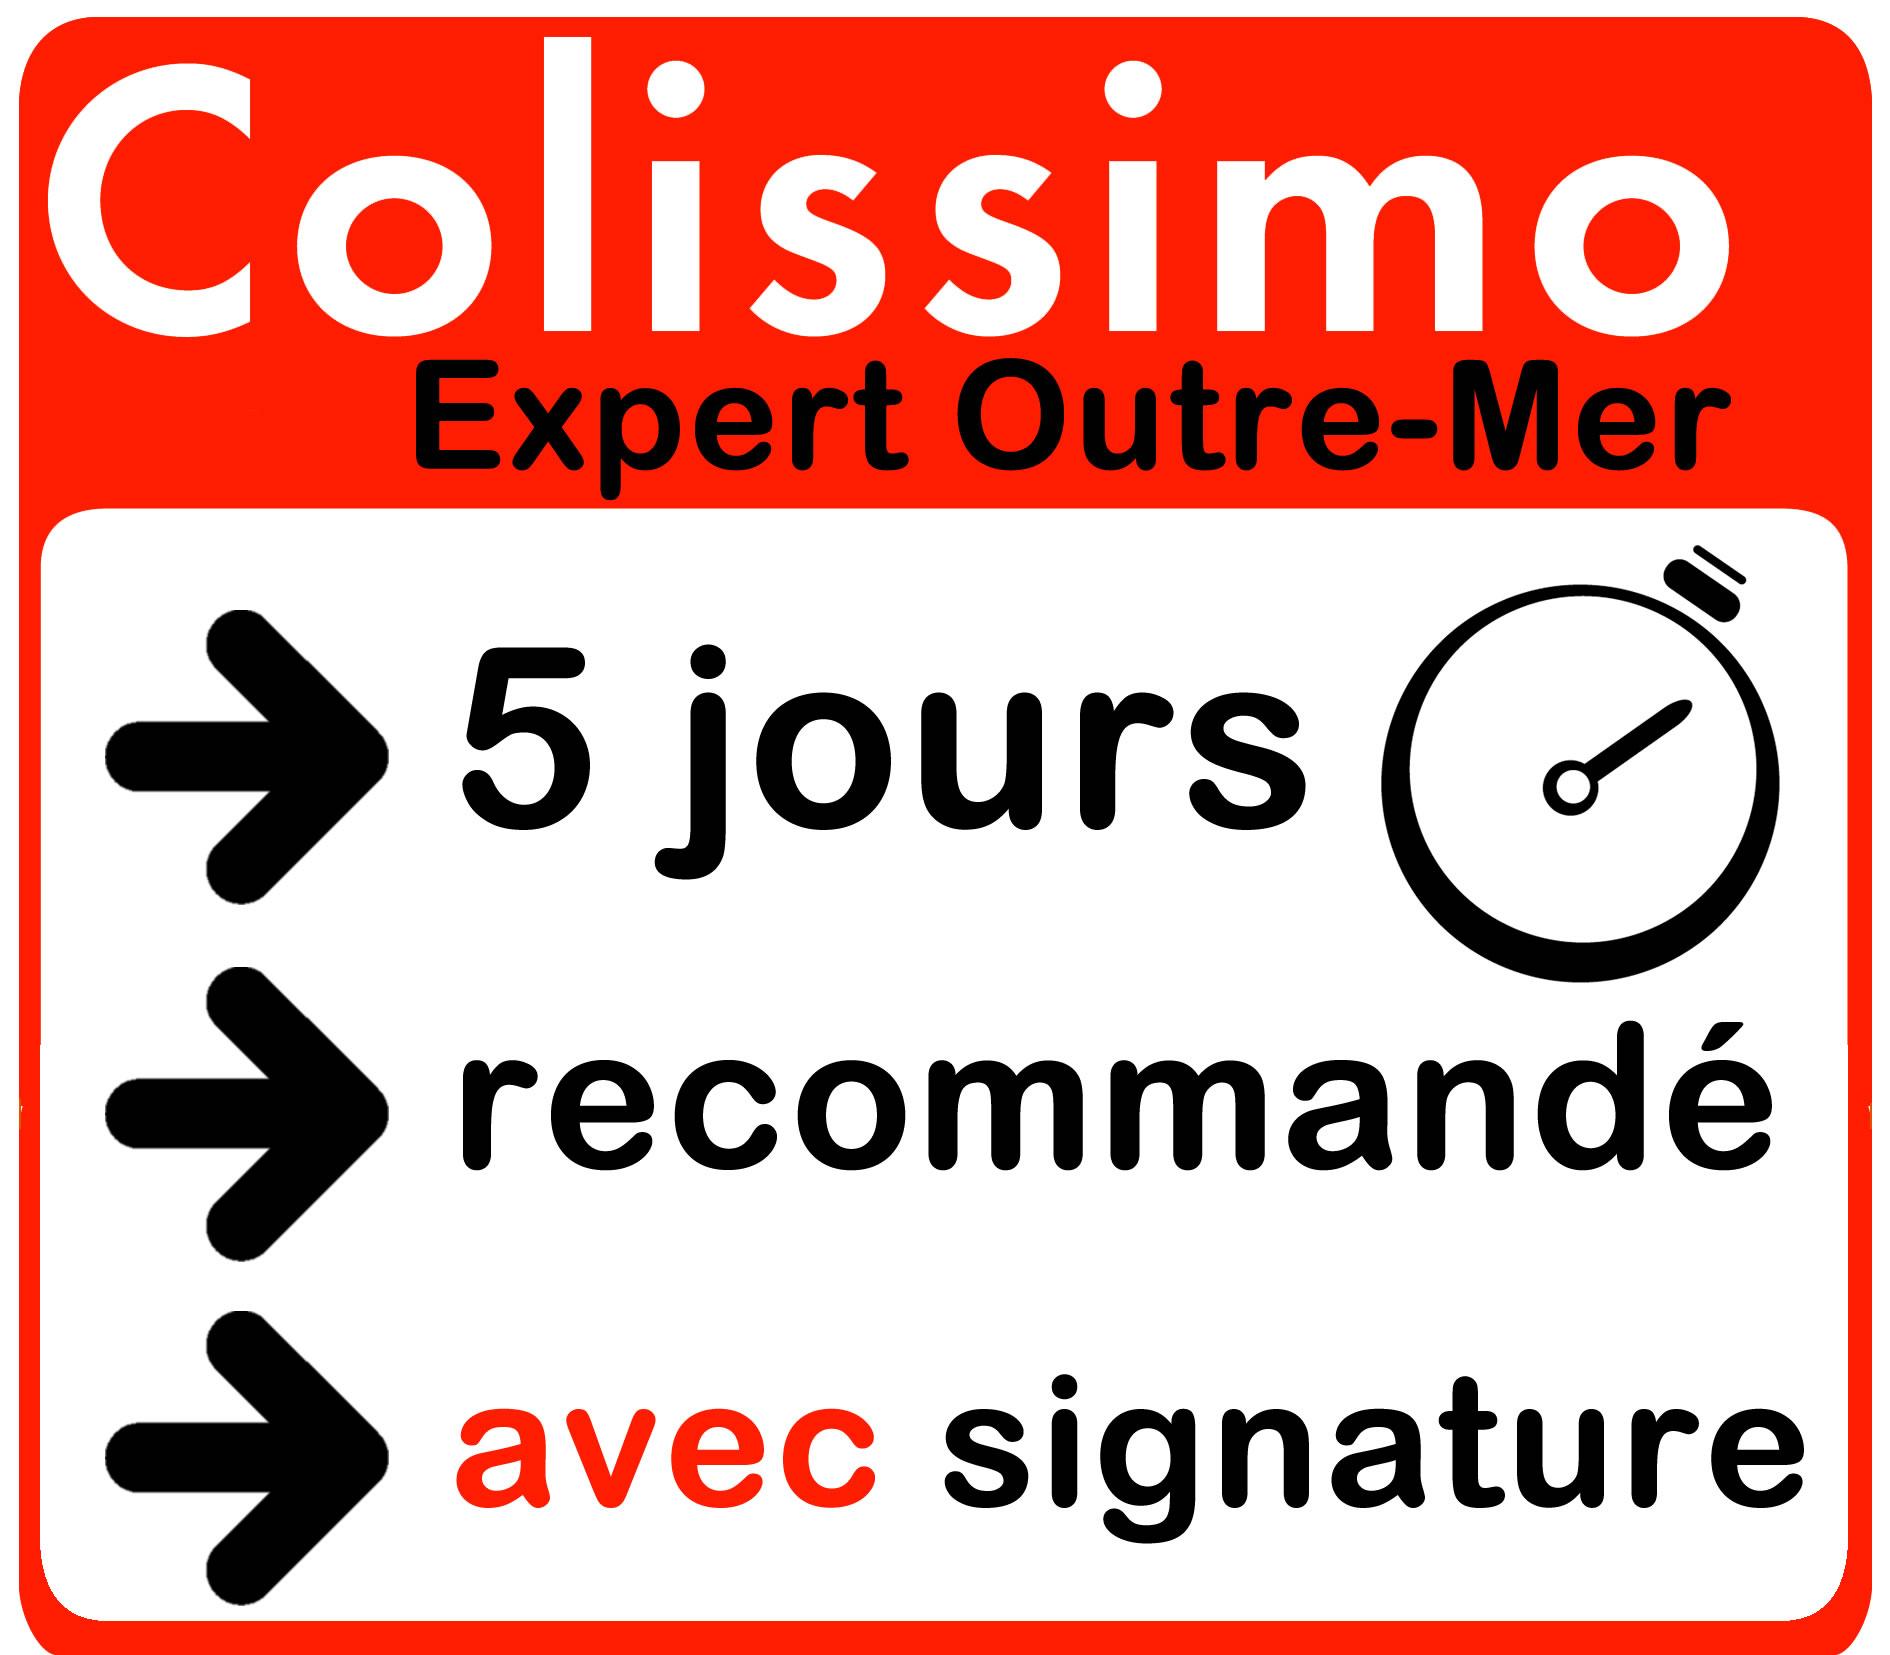 Colissimo Recommandé Outre-Mer